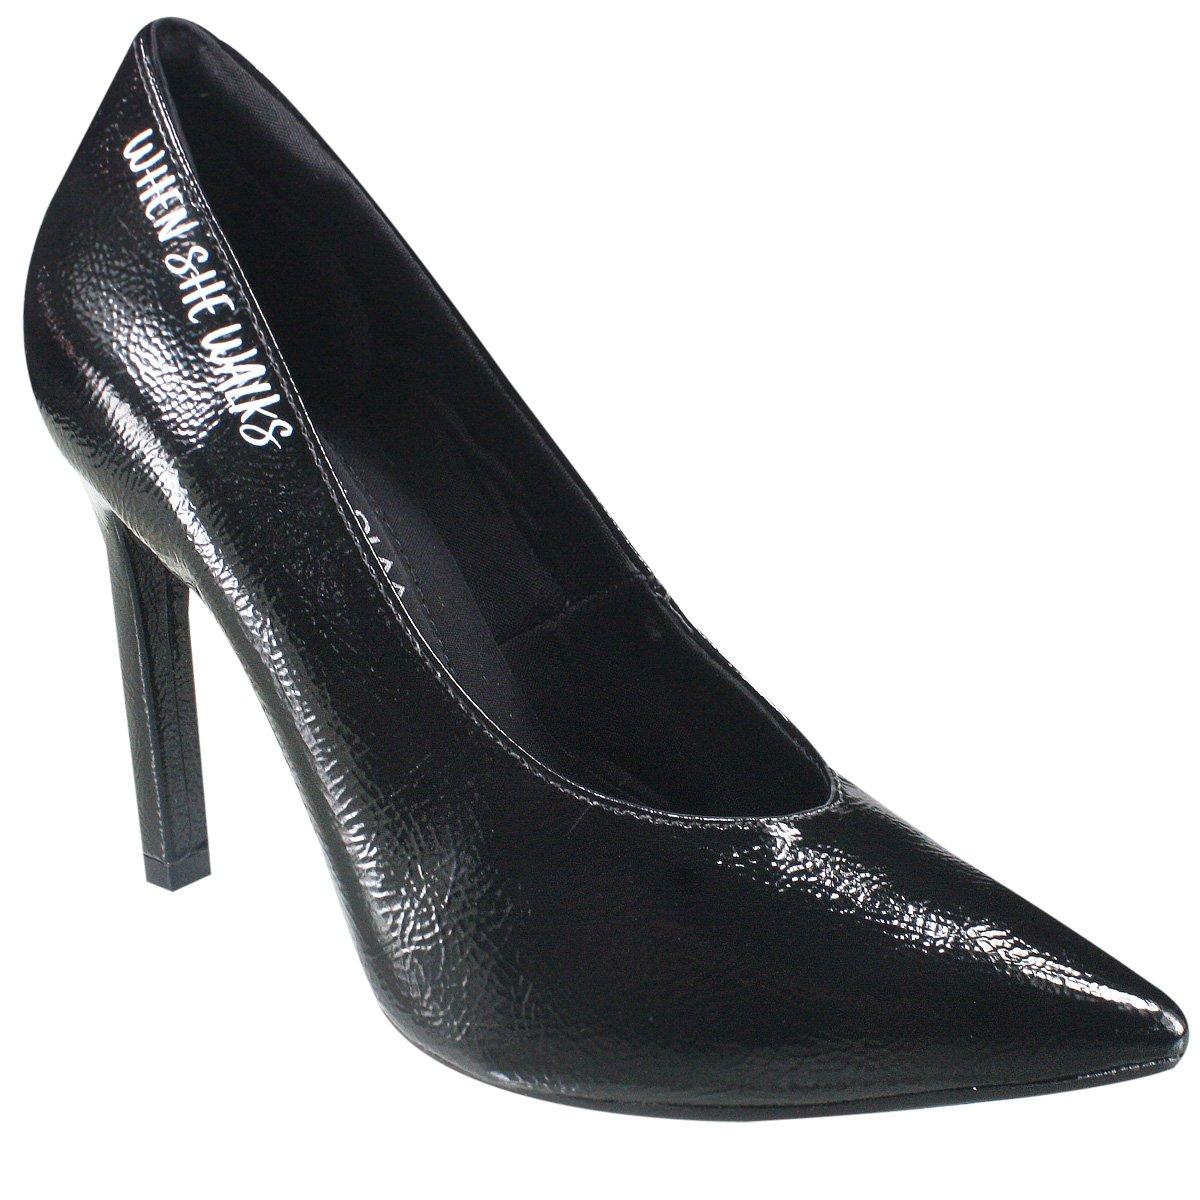 90722359e5 Amplie a imagem. Sapato Scarpin Ramarim Total Comfort  Sapato Scarpin Ramarim  Total Comfort 2  Sapato Scarpin Ramarim ...